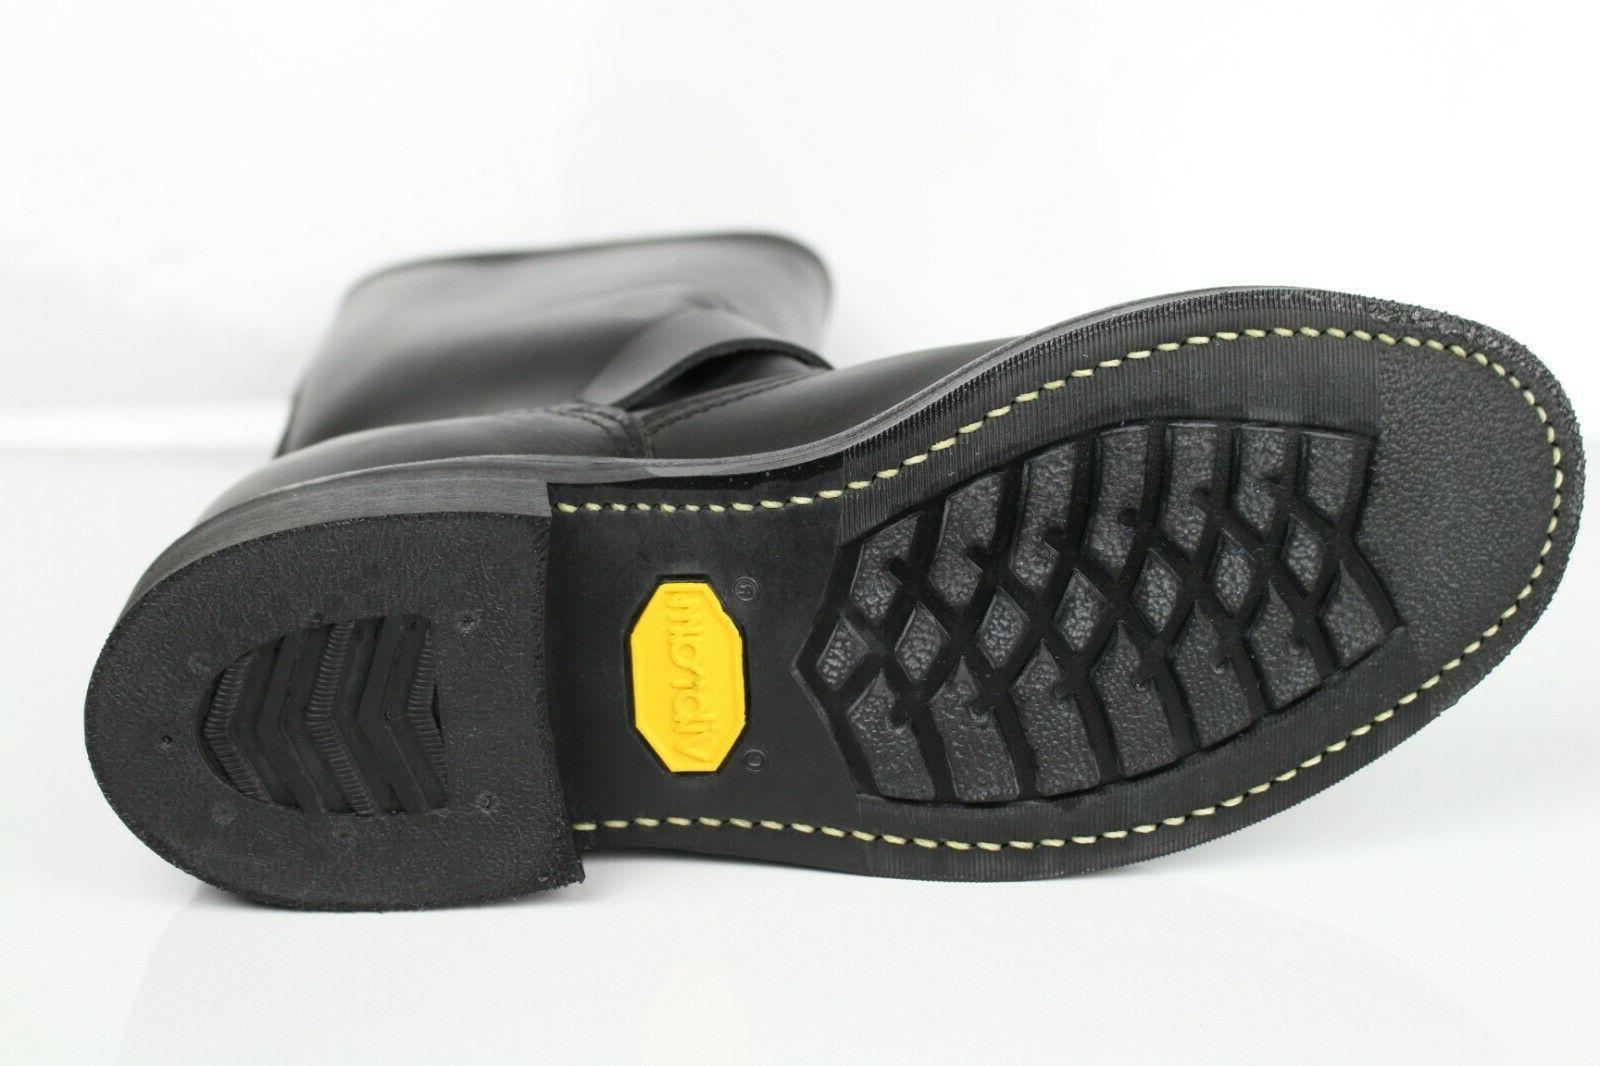 Chippewa Harness Boots 7m